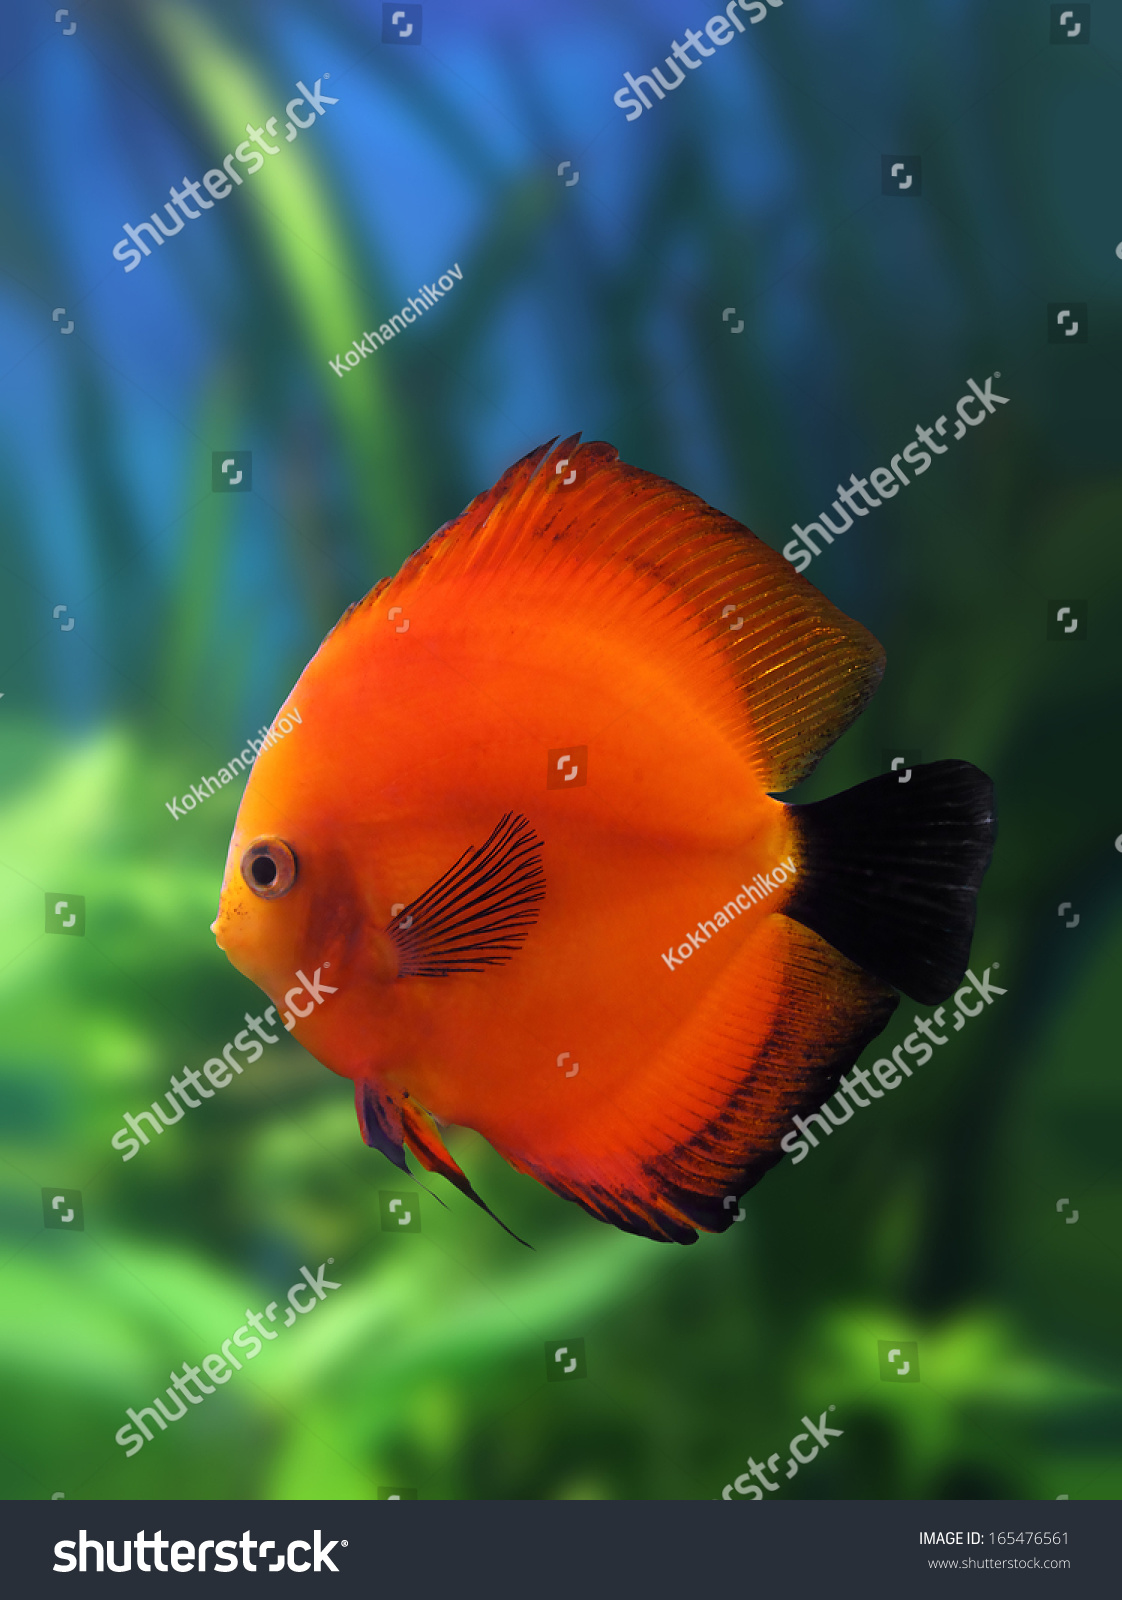 Red Discus Fish Aquarium Underwater Stock Photo (Royalty Free ...